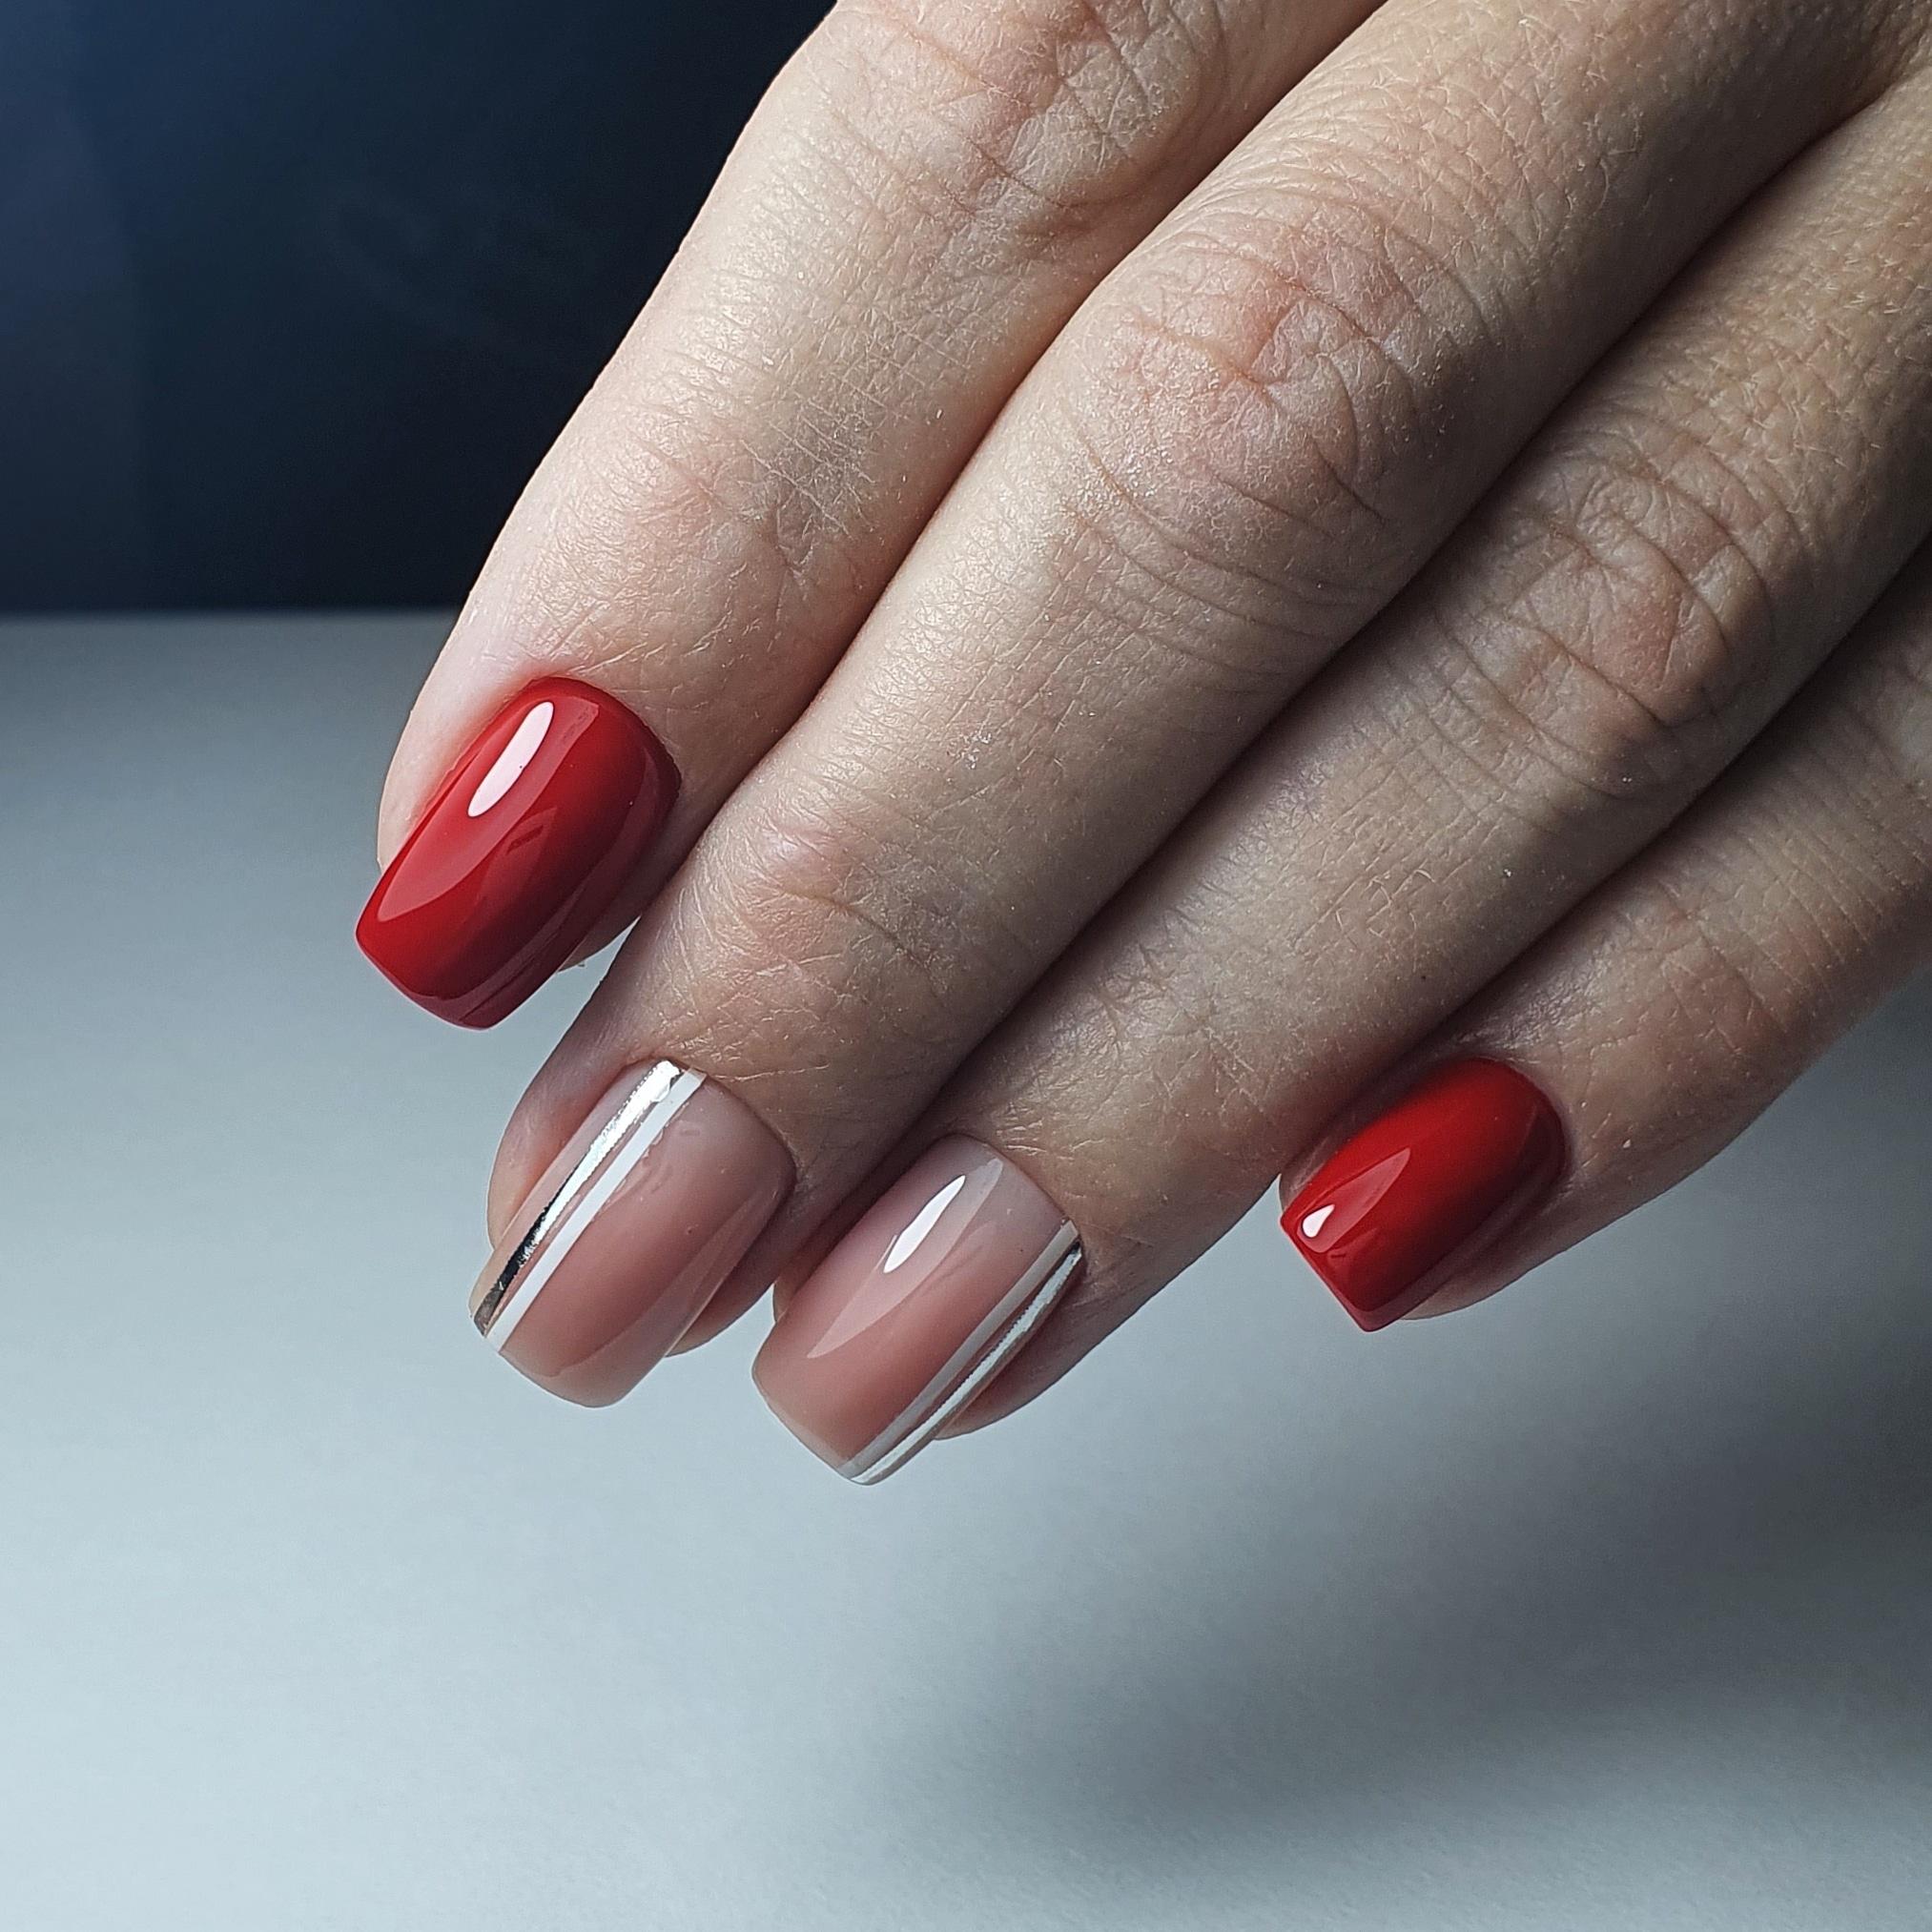 Маникюр с серебряными полосками в бордовом цвете на короткие ногти.